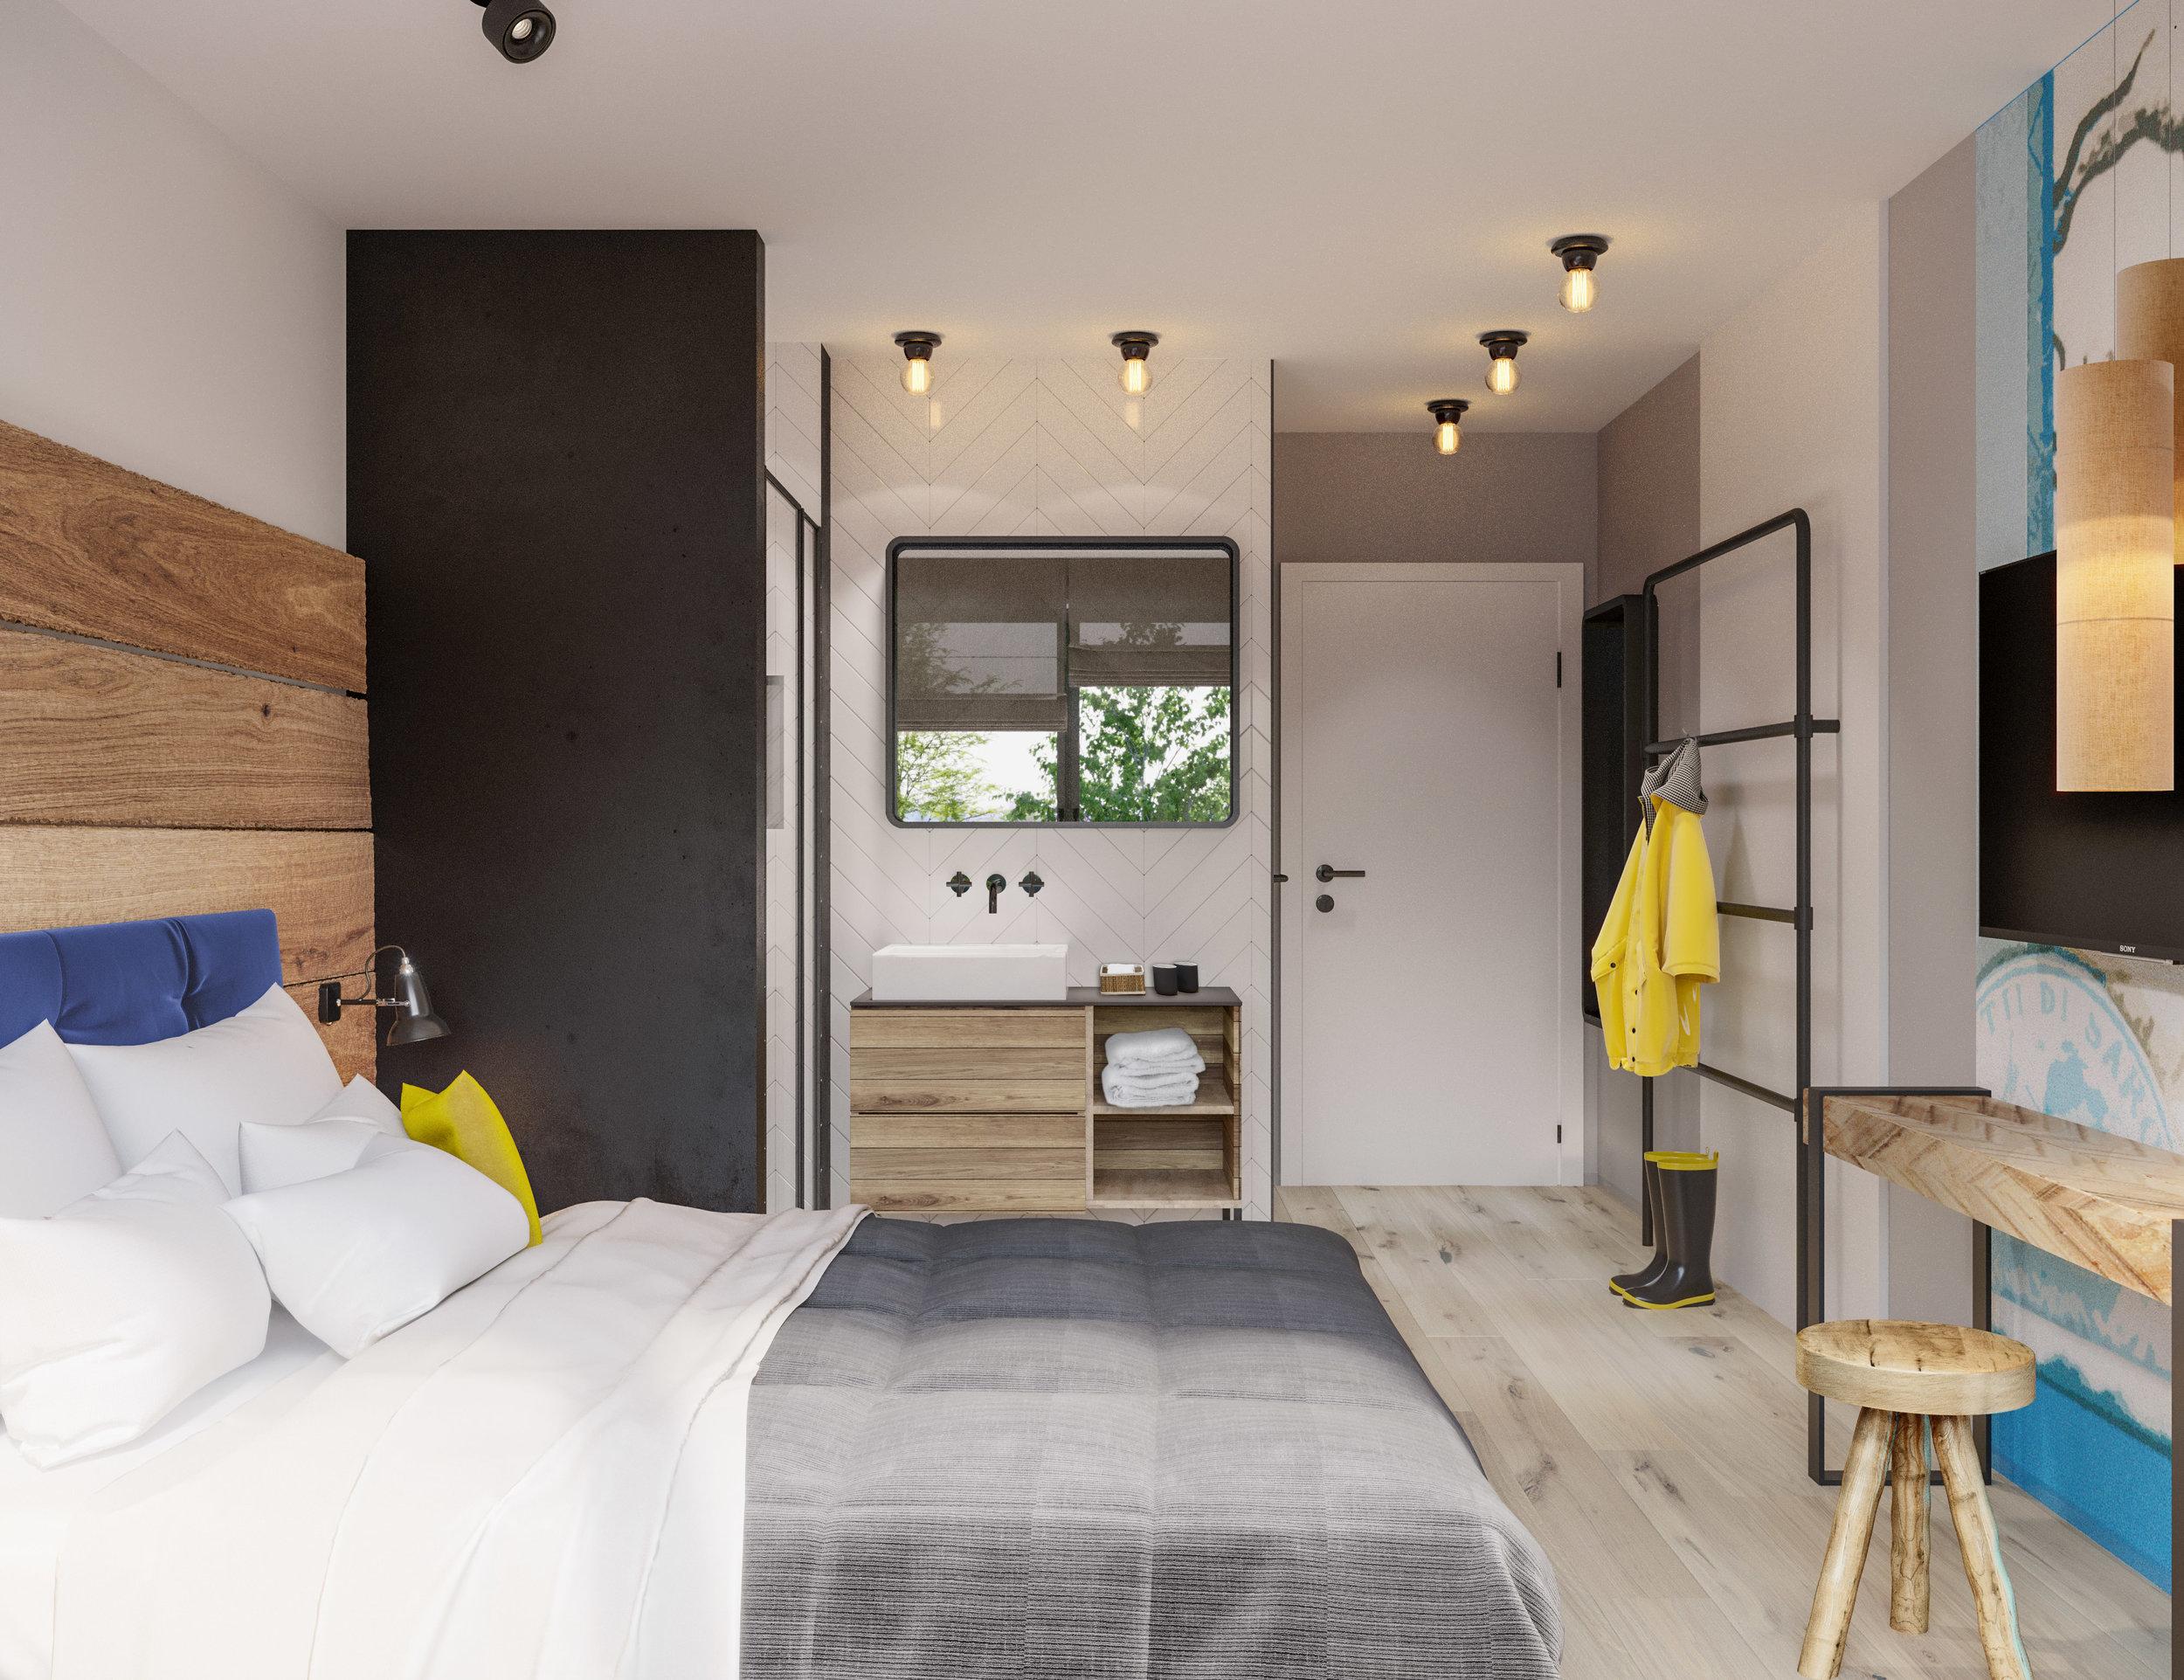 Hotel_Landhafen_Bild_2.jpg